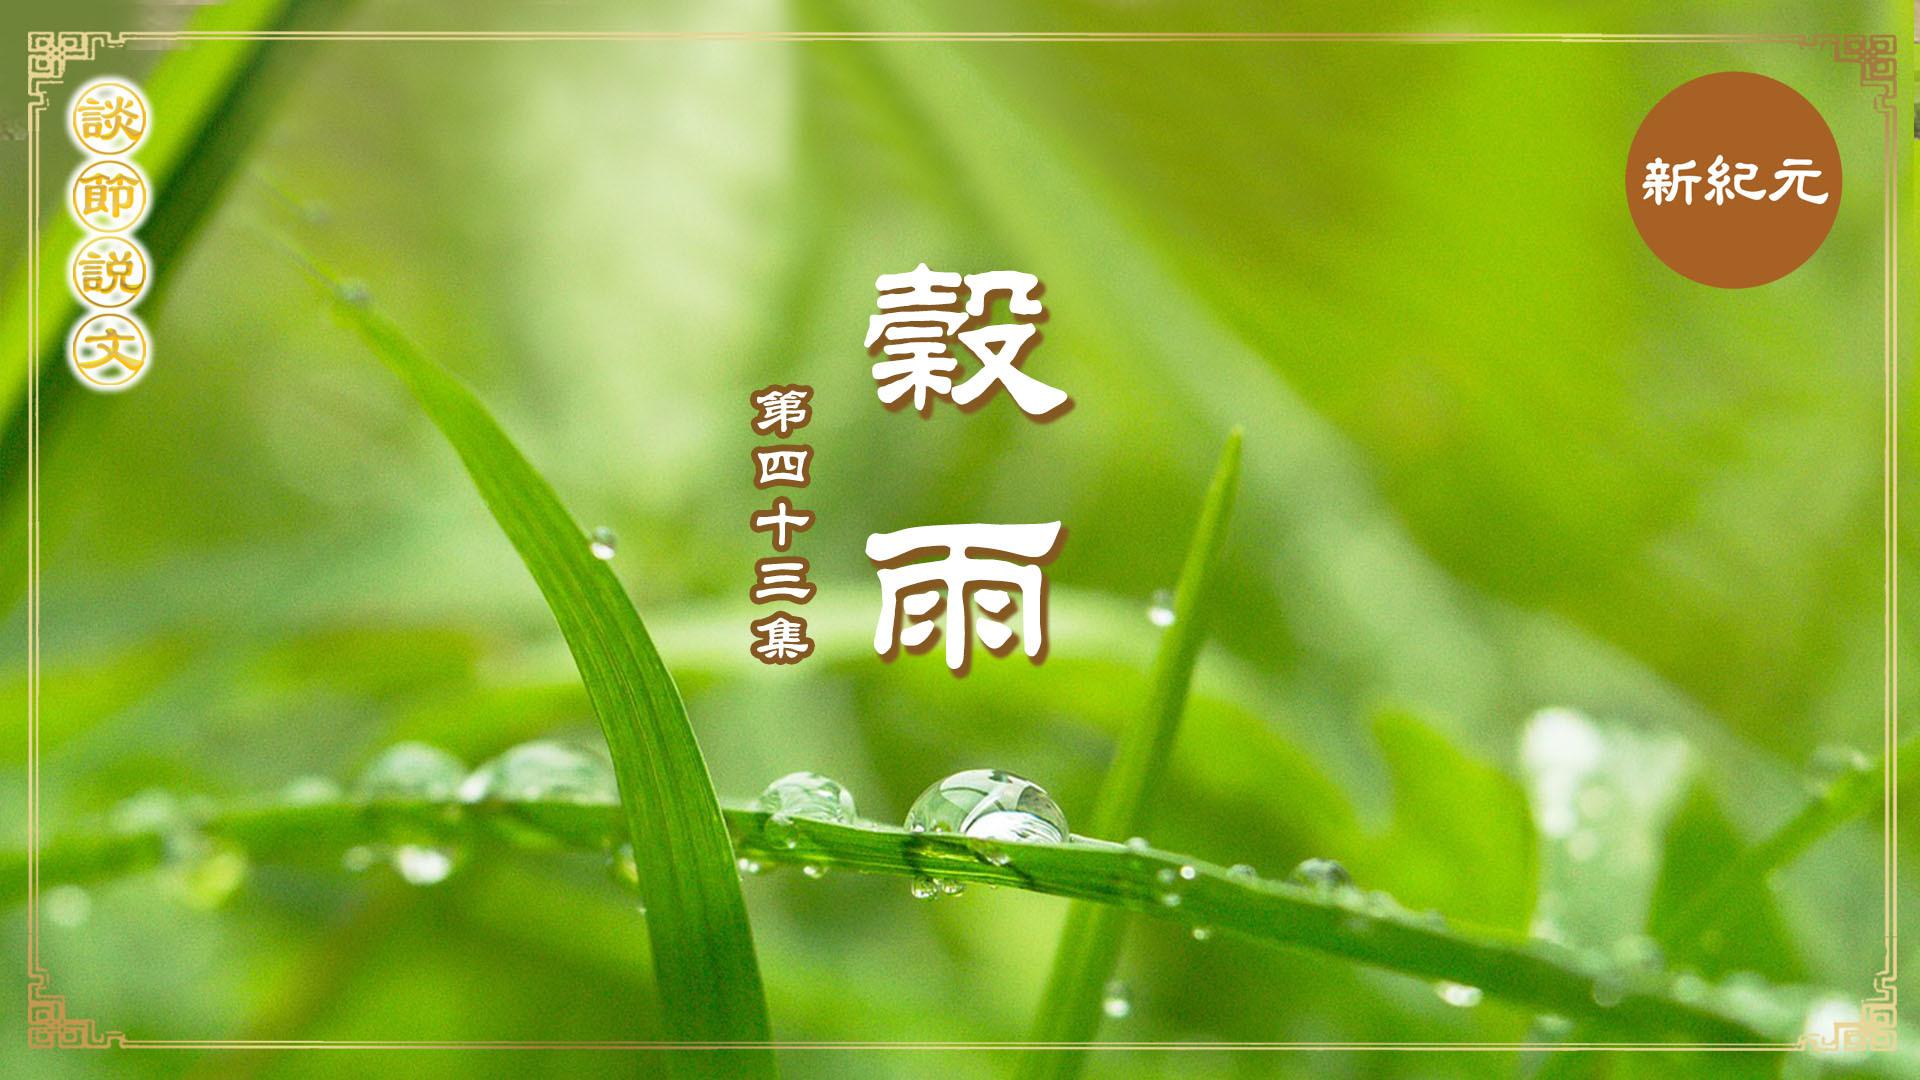 >《談節說文》穀雨時節養生 健脾化濕安神(第四十三集)|#新紀元